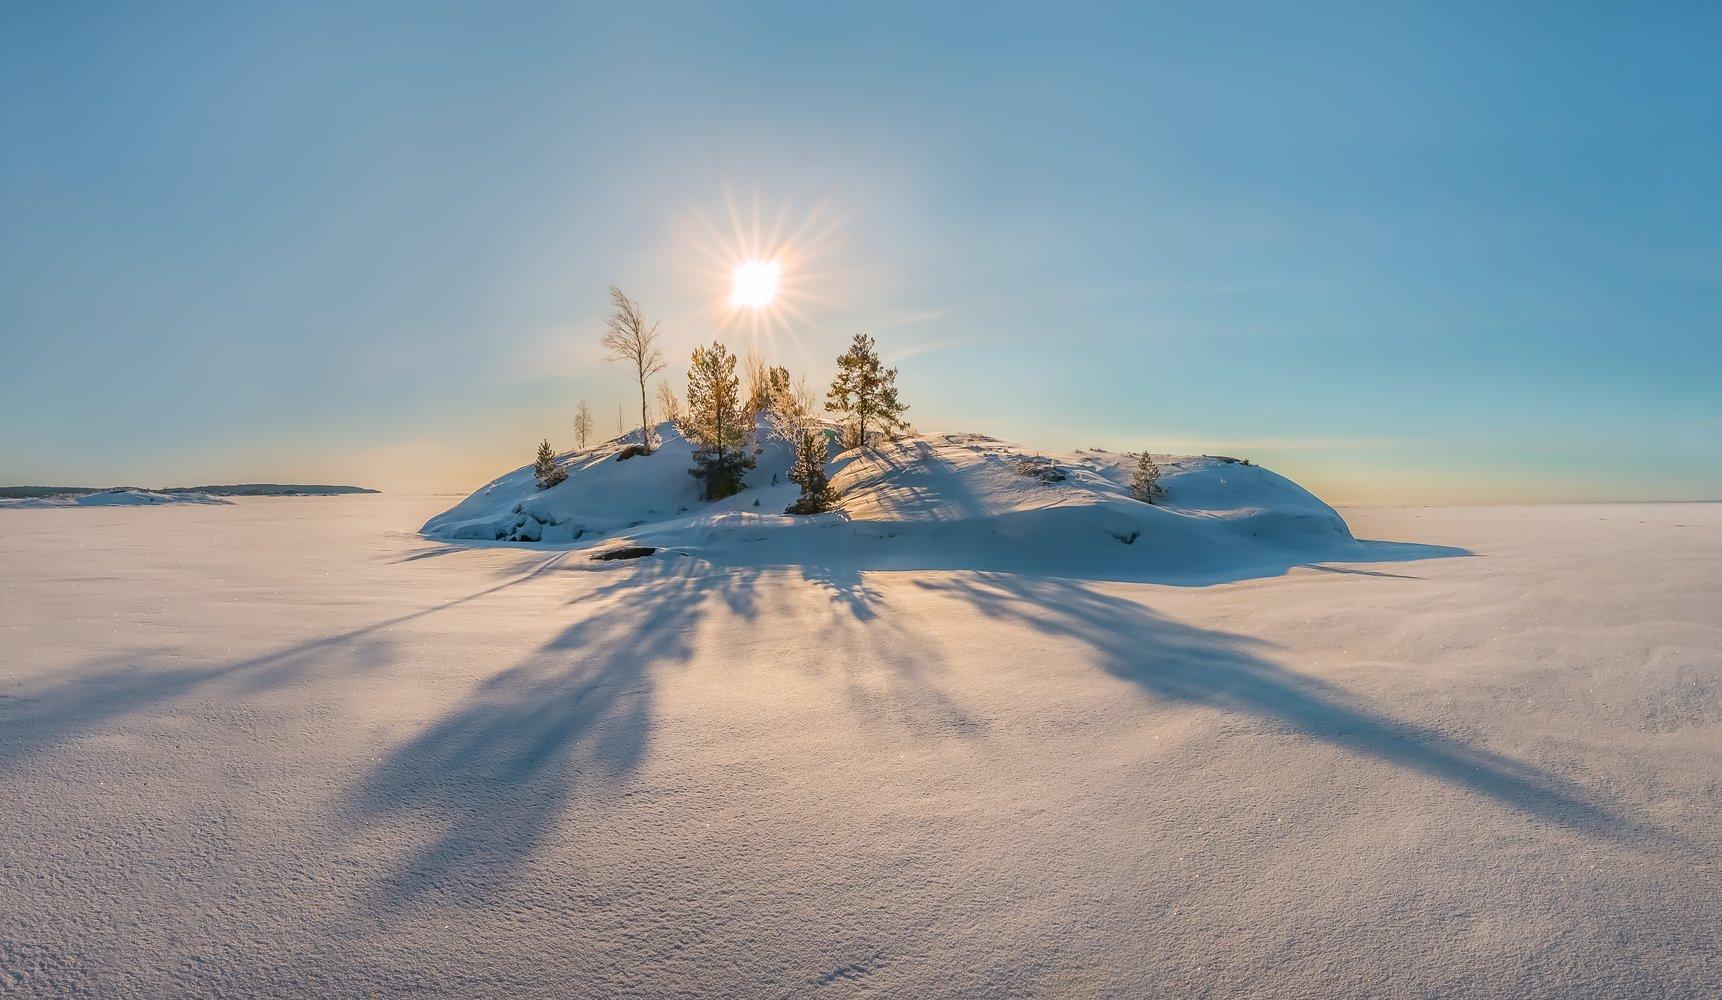 ладожское озеро, карелия, остров, зима, снег, фототур, скалы, шхеры, рассвет, деревья, солнце, день, тени, пустыня,, Лашков Фёдор